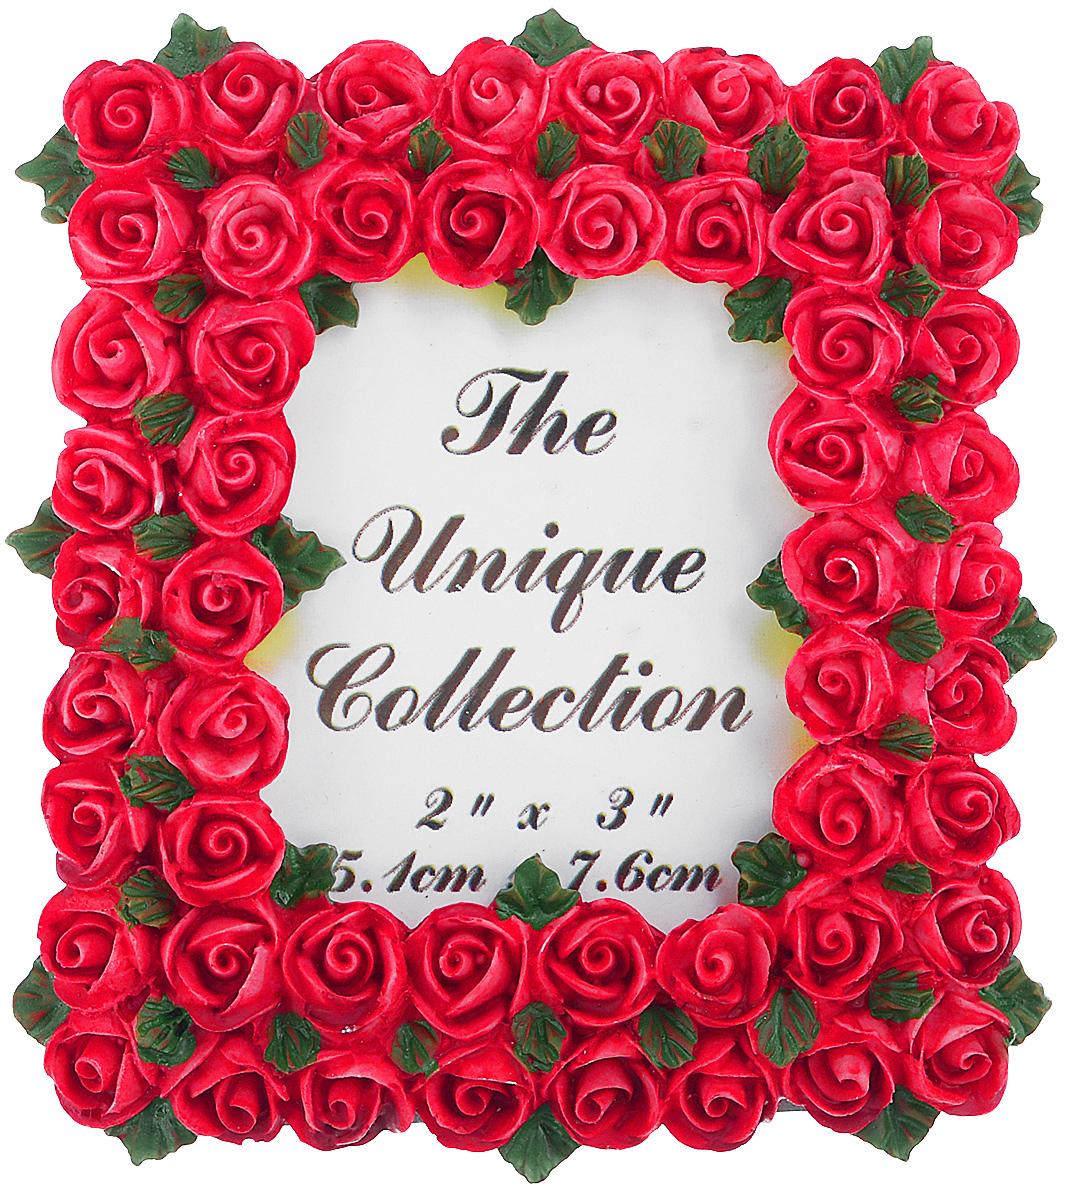 Декоративная фоторамка Home Queen Букет роз, цвет: ярко-розовый, 5,1 см х 7,6 см64058_ярко-розовыйДекоративная фоторамка Home Queen Букет роз поможет вам оригинально дополнить интерьер помещения. Фоторамка декорирована изображением роз. Задняя сторона оснащена ножкой для размещения на столе. Такая рамка позволит сохранить на память изображения дорогих вам людей и интересных событий вашей жизни, а также станет приятным подарком для каждого. Размер фотографии: 5,1 см х 7,6 см. Размер фоторамки: 8 см х 8,5 см.